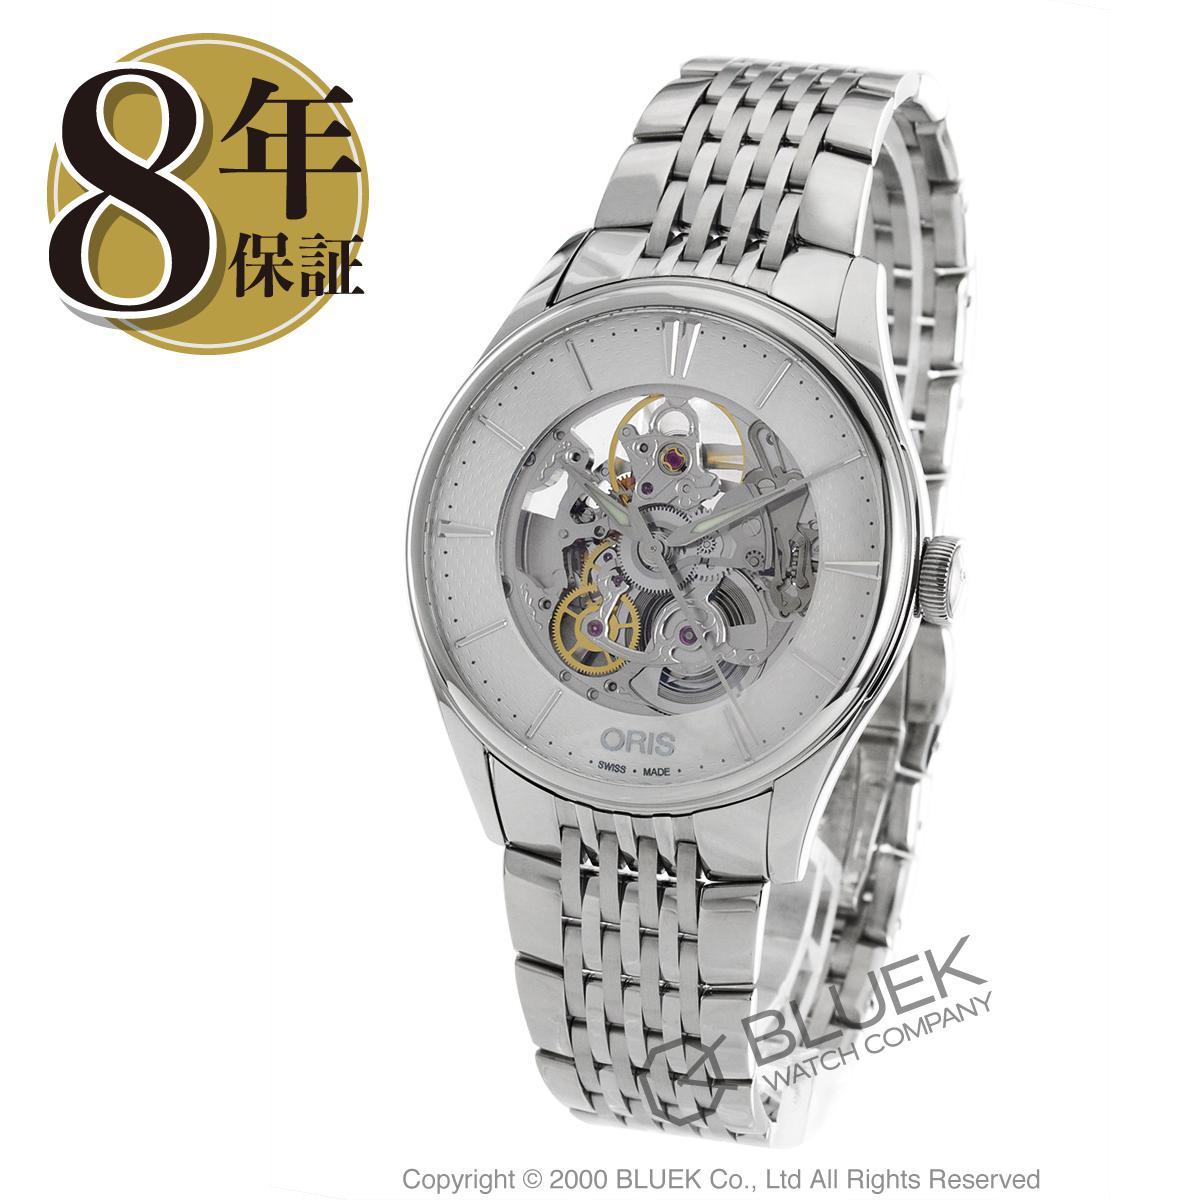 オリス アートリエ スケルトン 腕時計 メンズ ORIS 734 7721 4051M_8